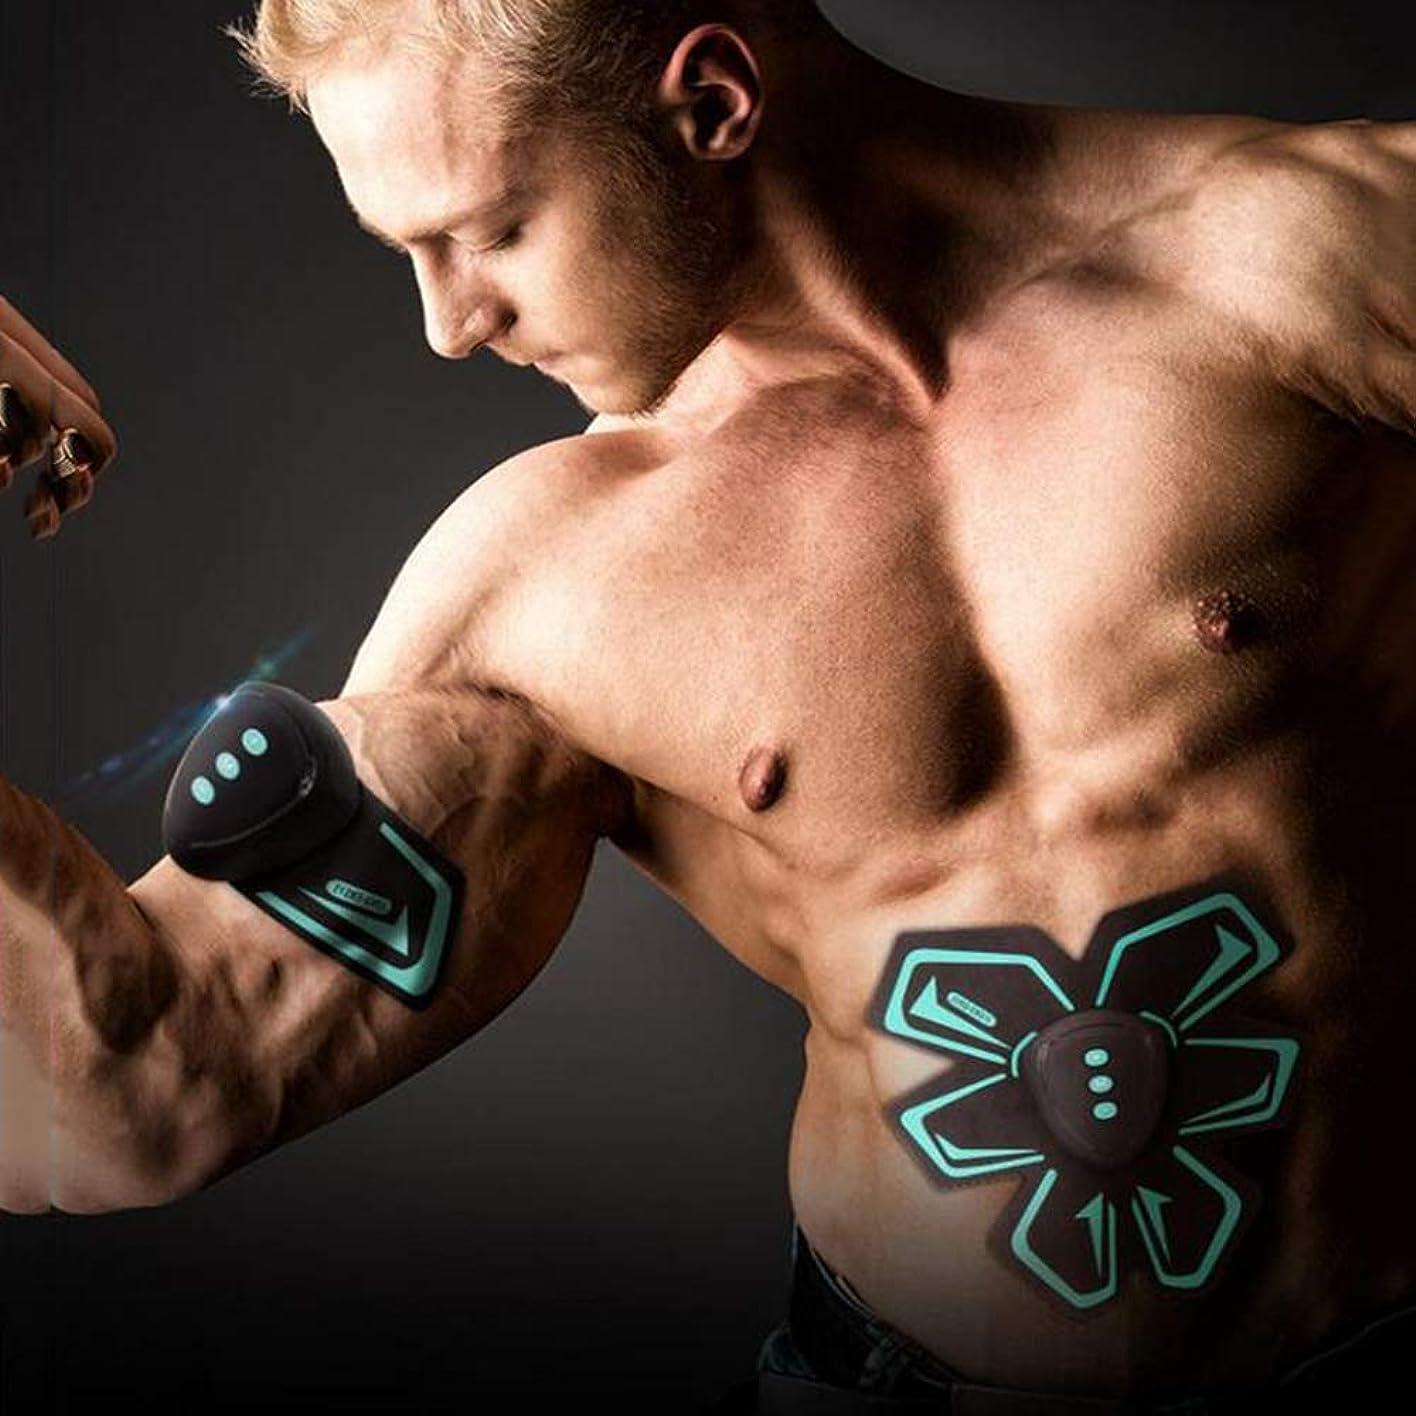 風が強い猟犬野望USB電気腹部トレーナーウエスト減量器具EMS筋肉刺激装置ポータブルスポーツ腹部筋肉フィットネス機器ユニセックス